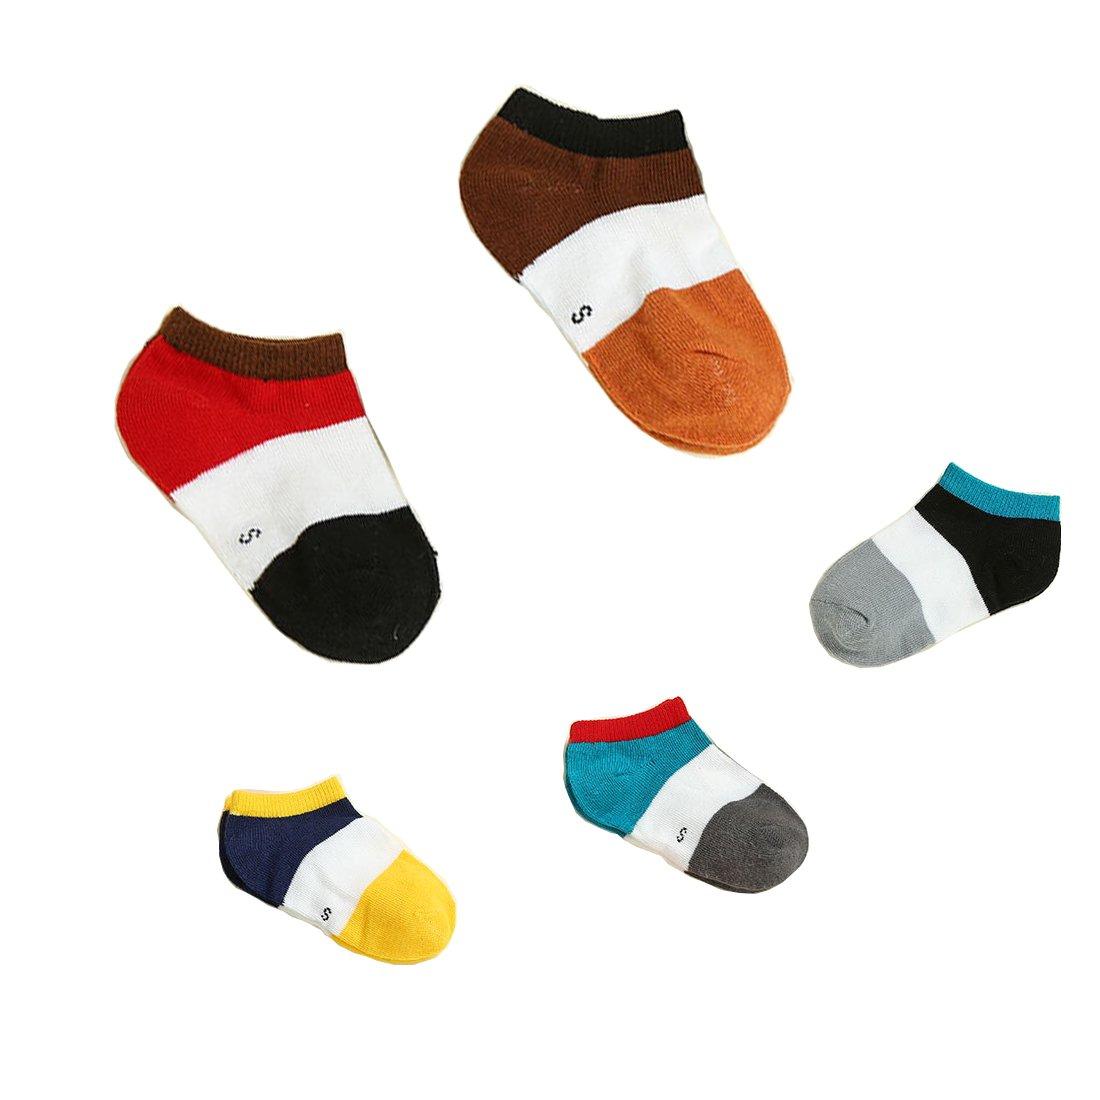 UBae New Style Unisex Baby Socks Breathable Cotton Socks Kid Socks 5 Pairs